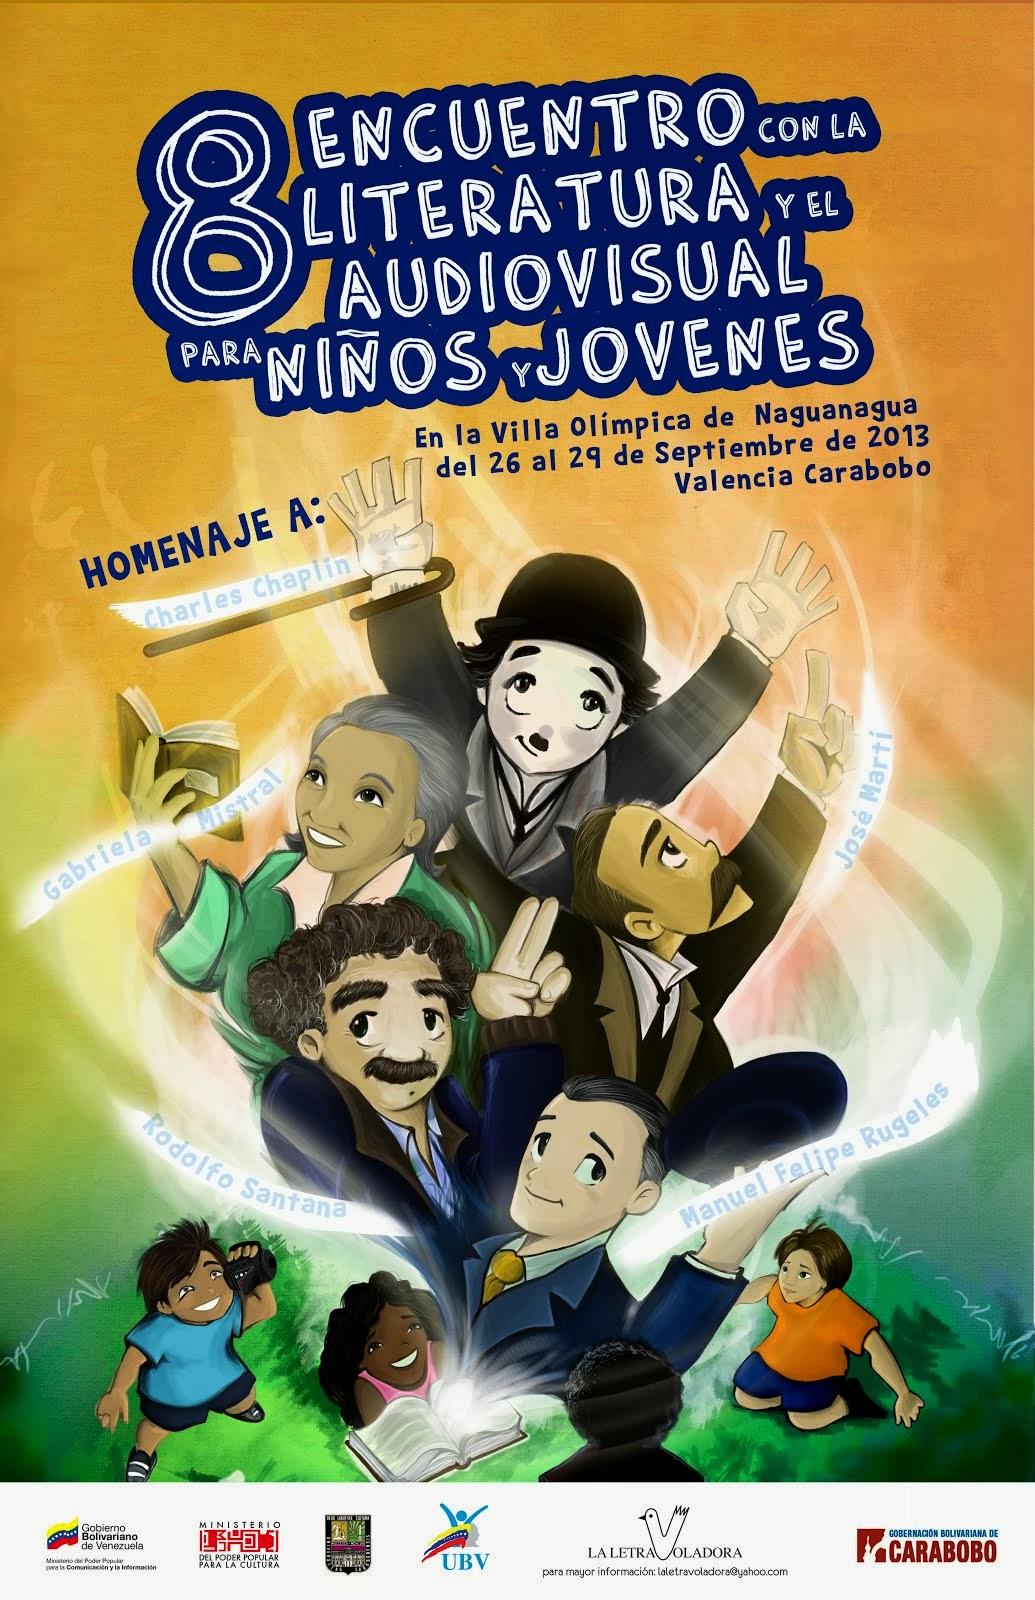 8tavo Encuentro con la Literatura y el Audiovisual para niños y jóvenes.